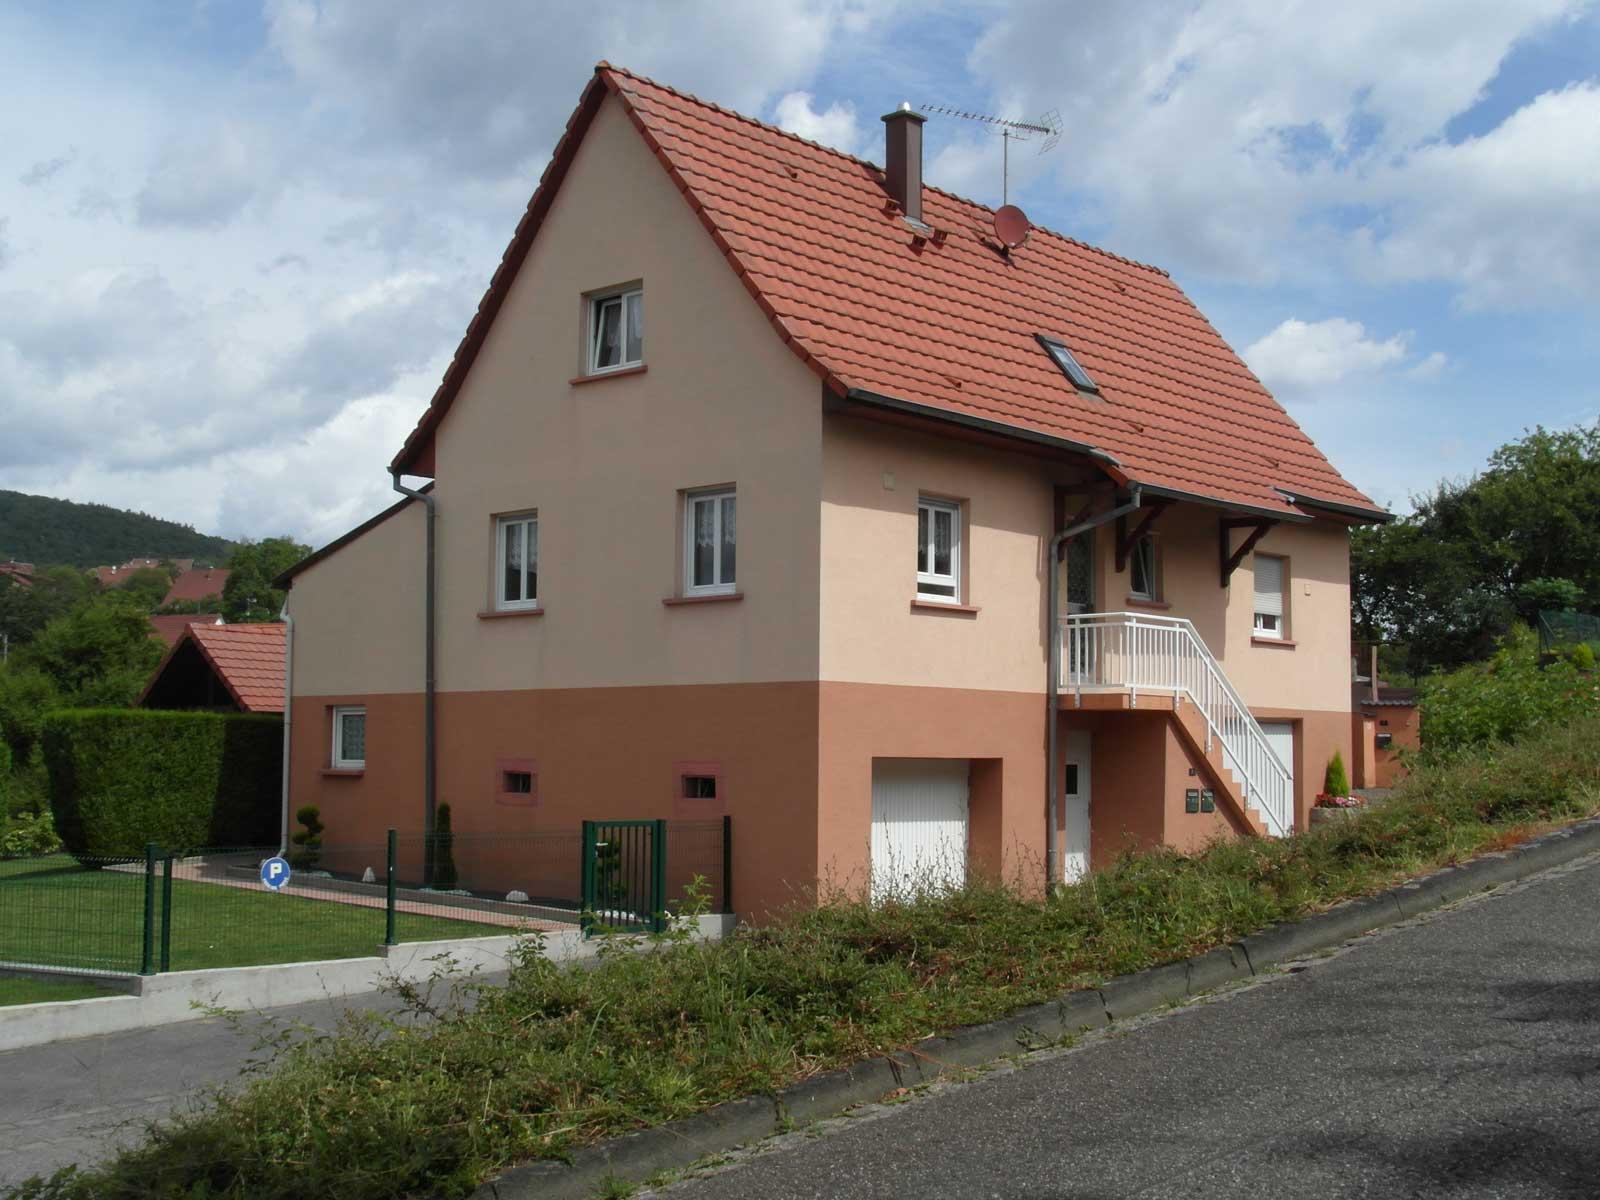 Meublé de M. Rickling, Niederbronn-les-Bains, Alsace, vue extérieure